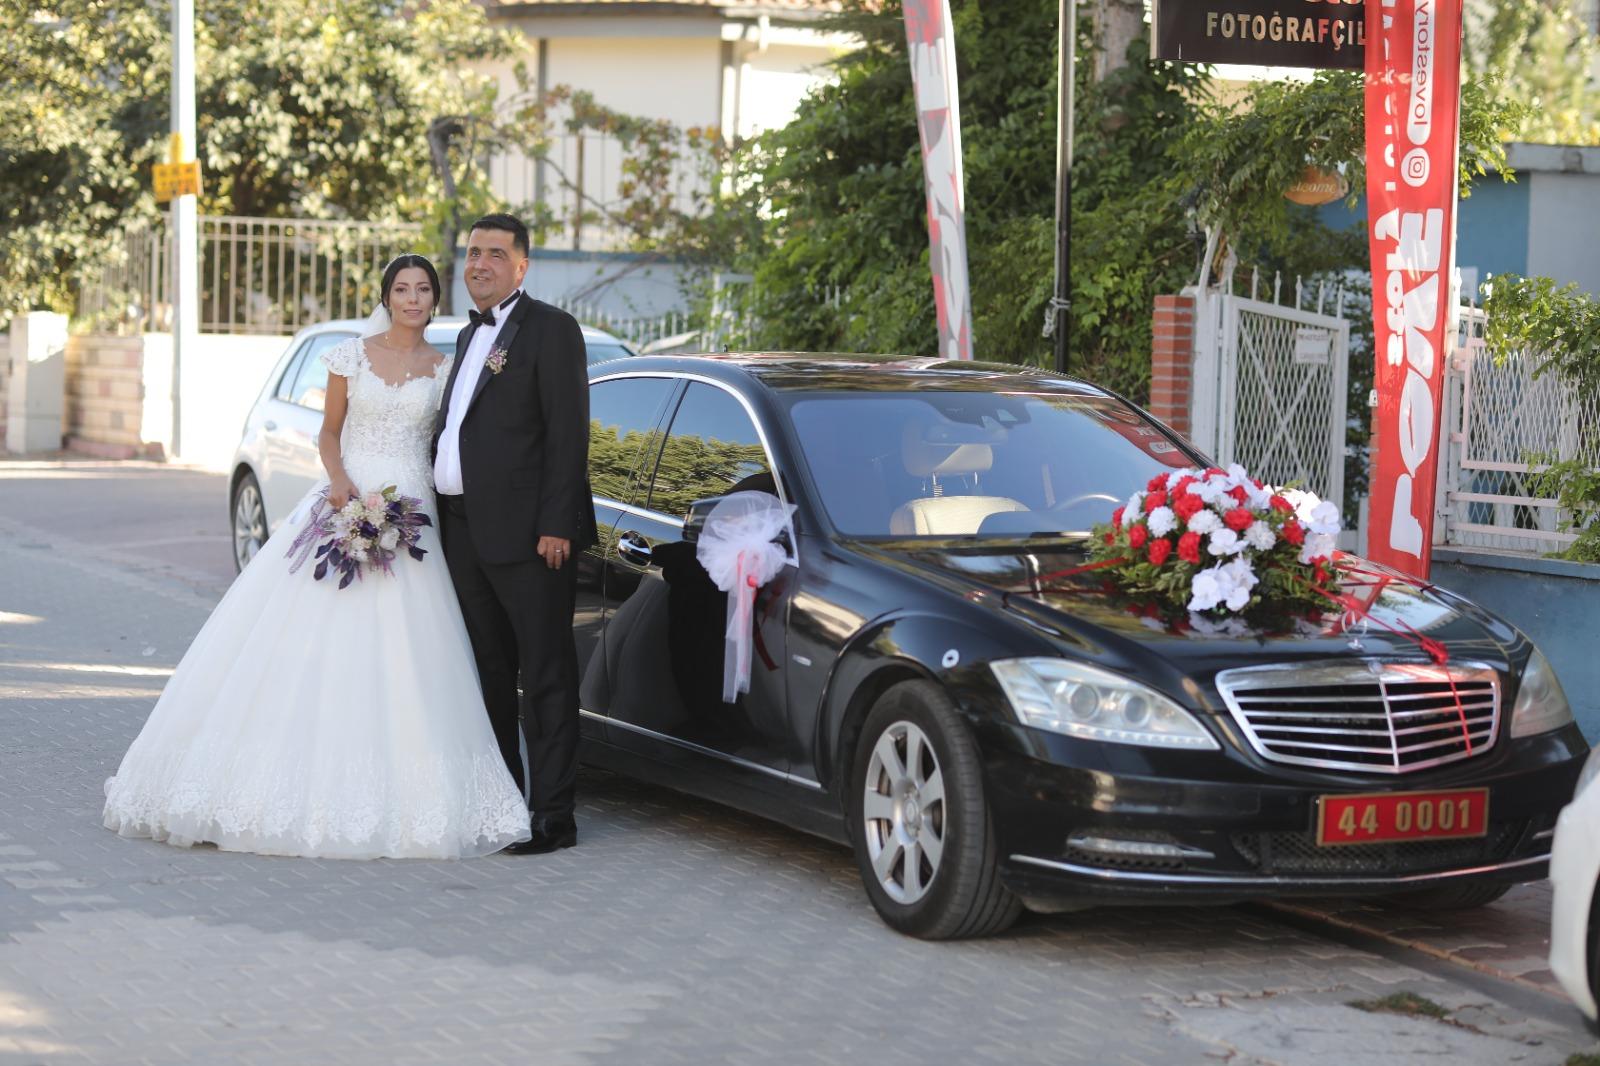 Vali Baruş, Makam Aracını Gazimizin Düğünü İçin 'Gelin Arabası' Yaptı